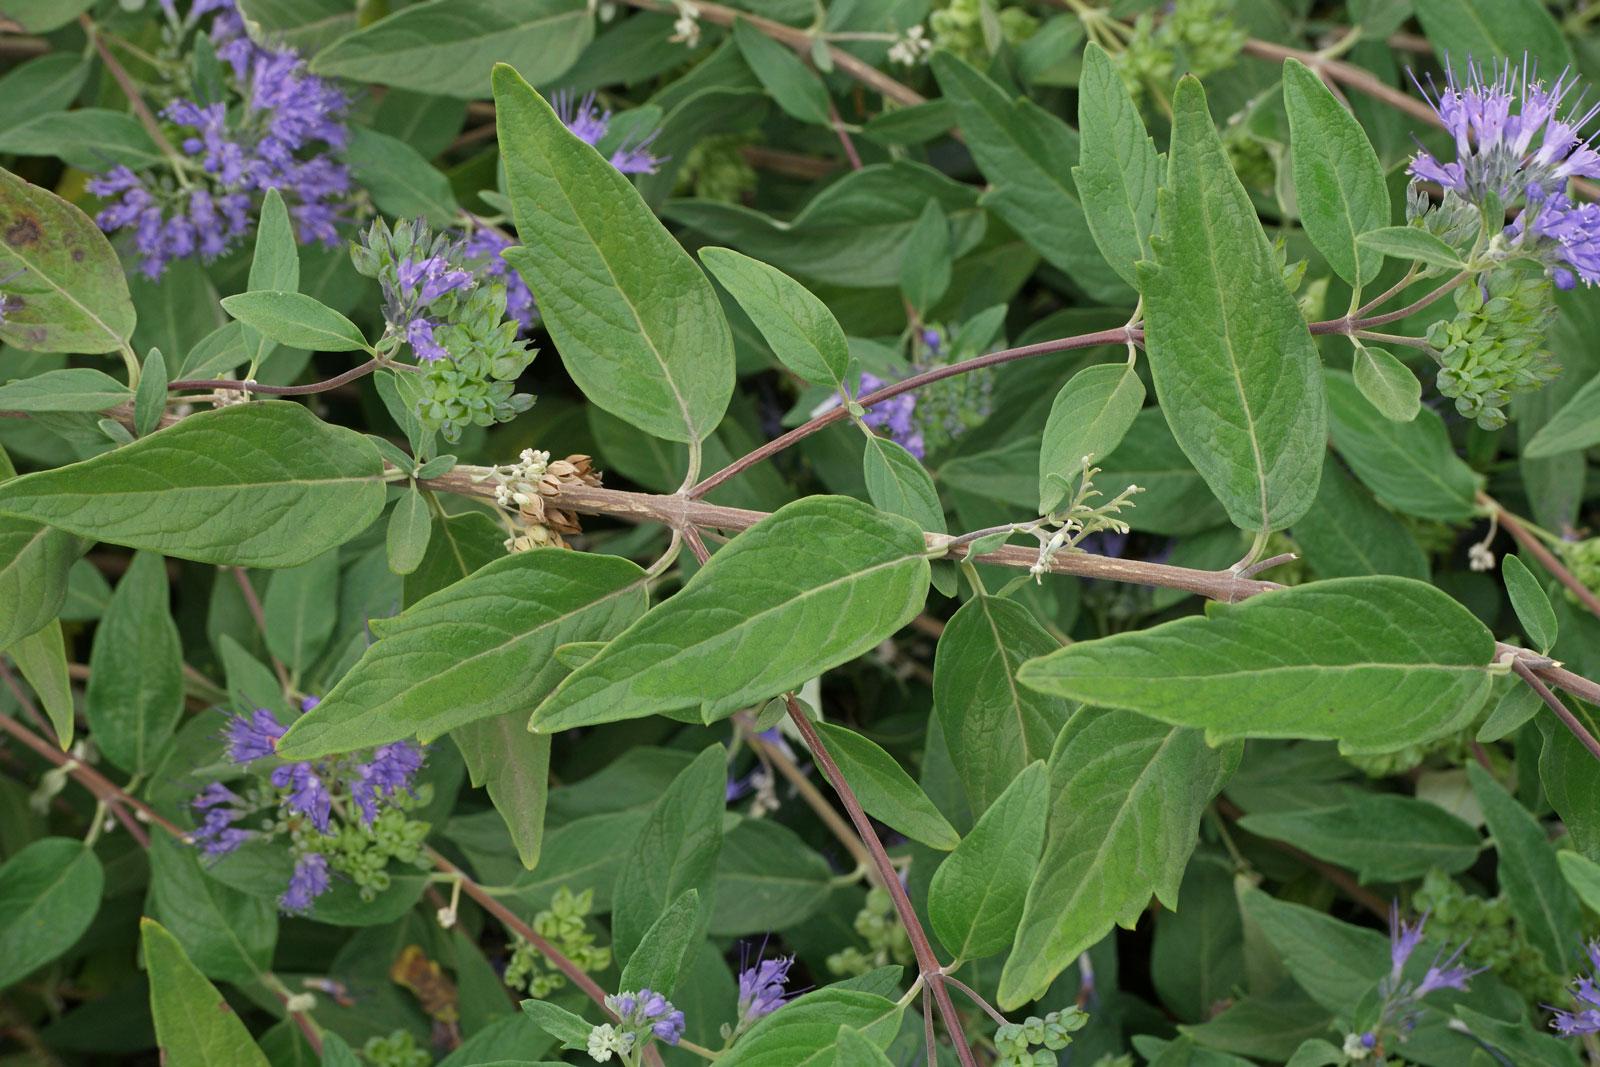 Caryopteris clandonensis